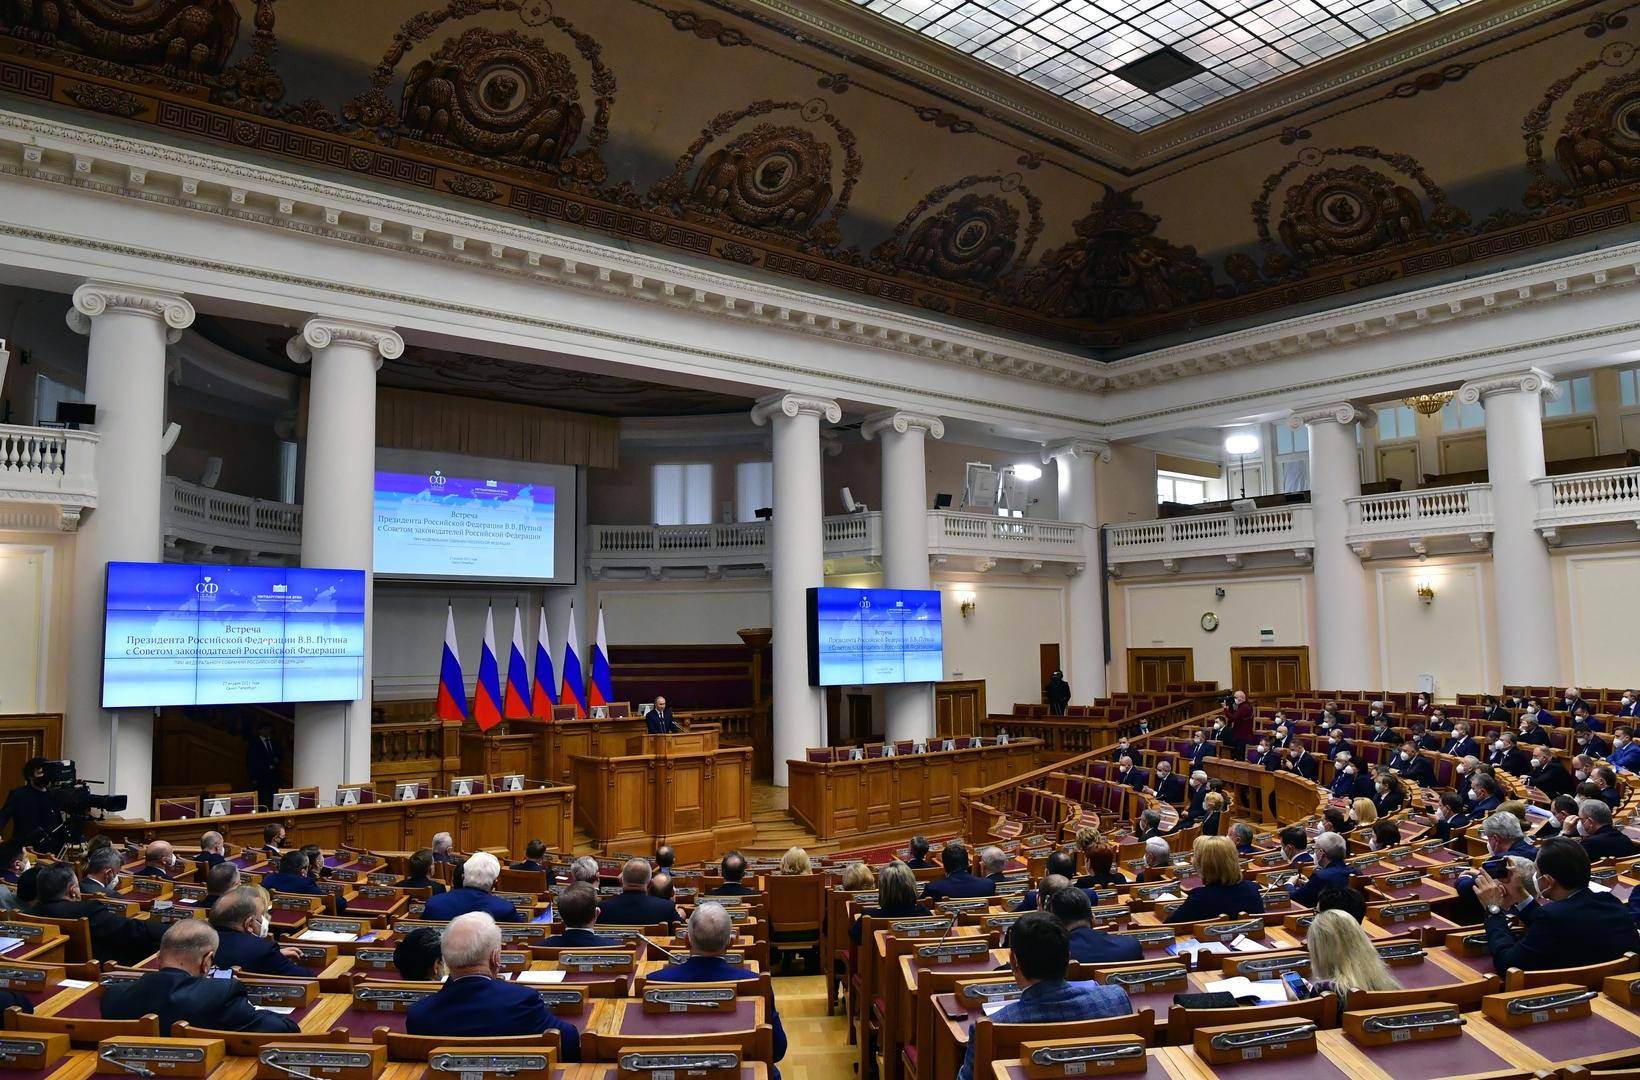 الرئيس الروسي فلاديمير بوتين يلقي كلمته في اجتماع لمجلس المشرعين الروسي في سان بطرسبورغ